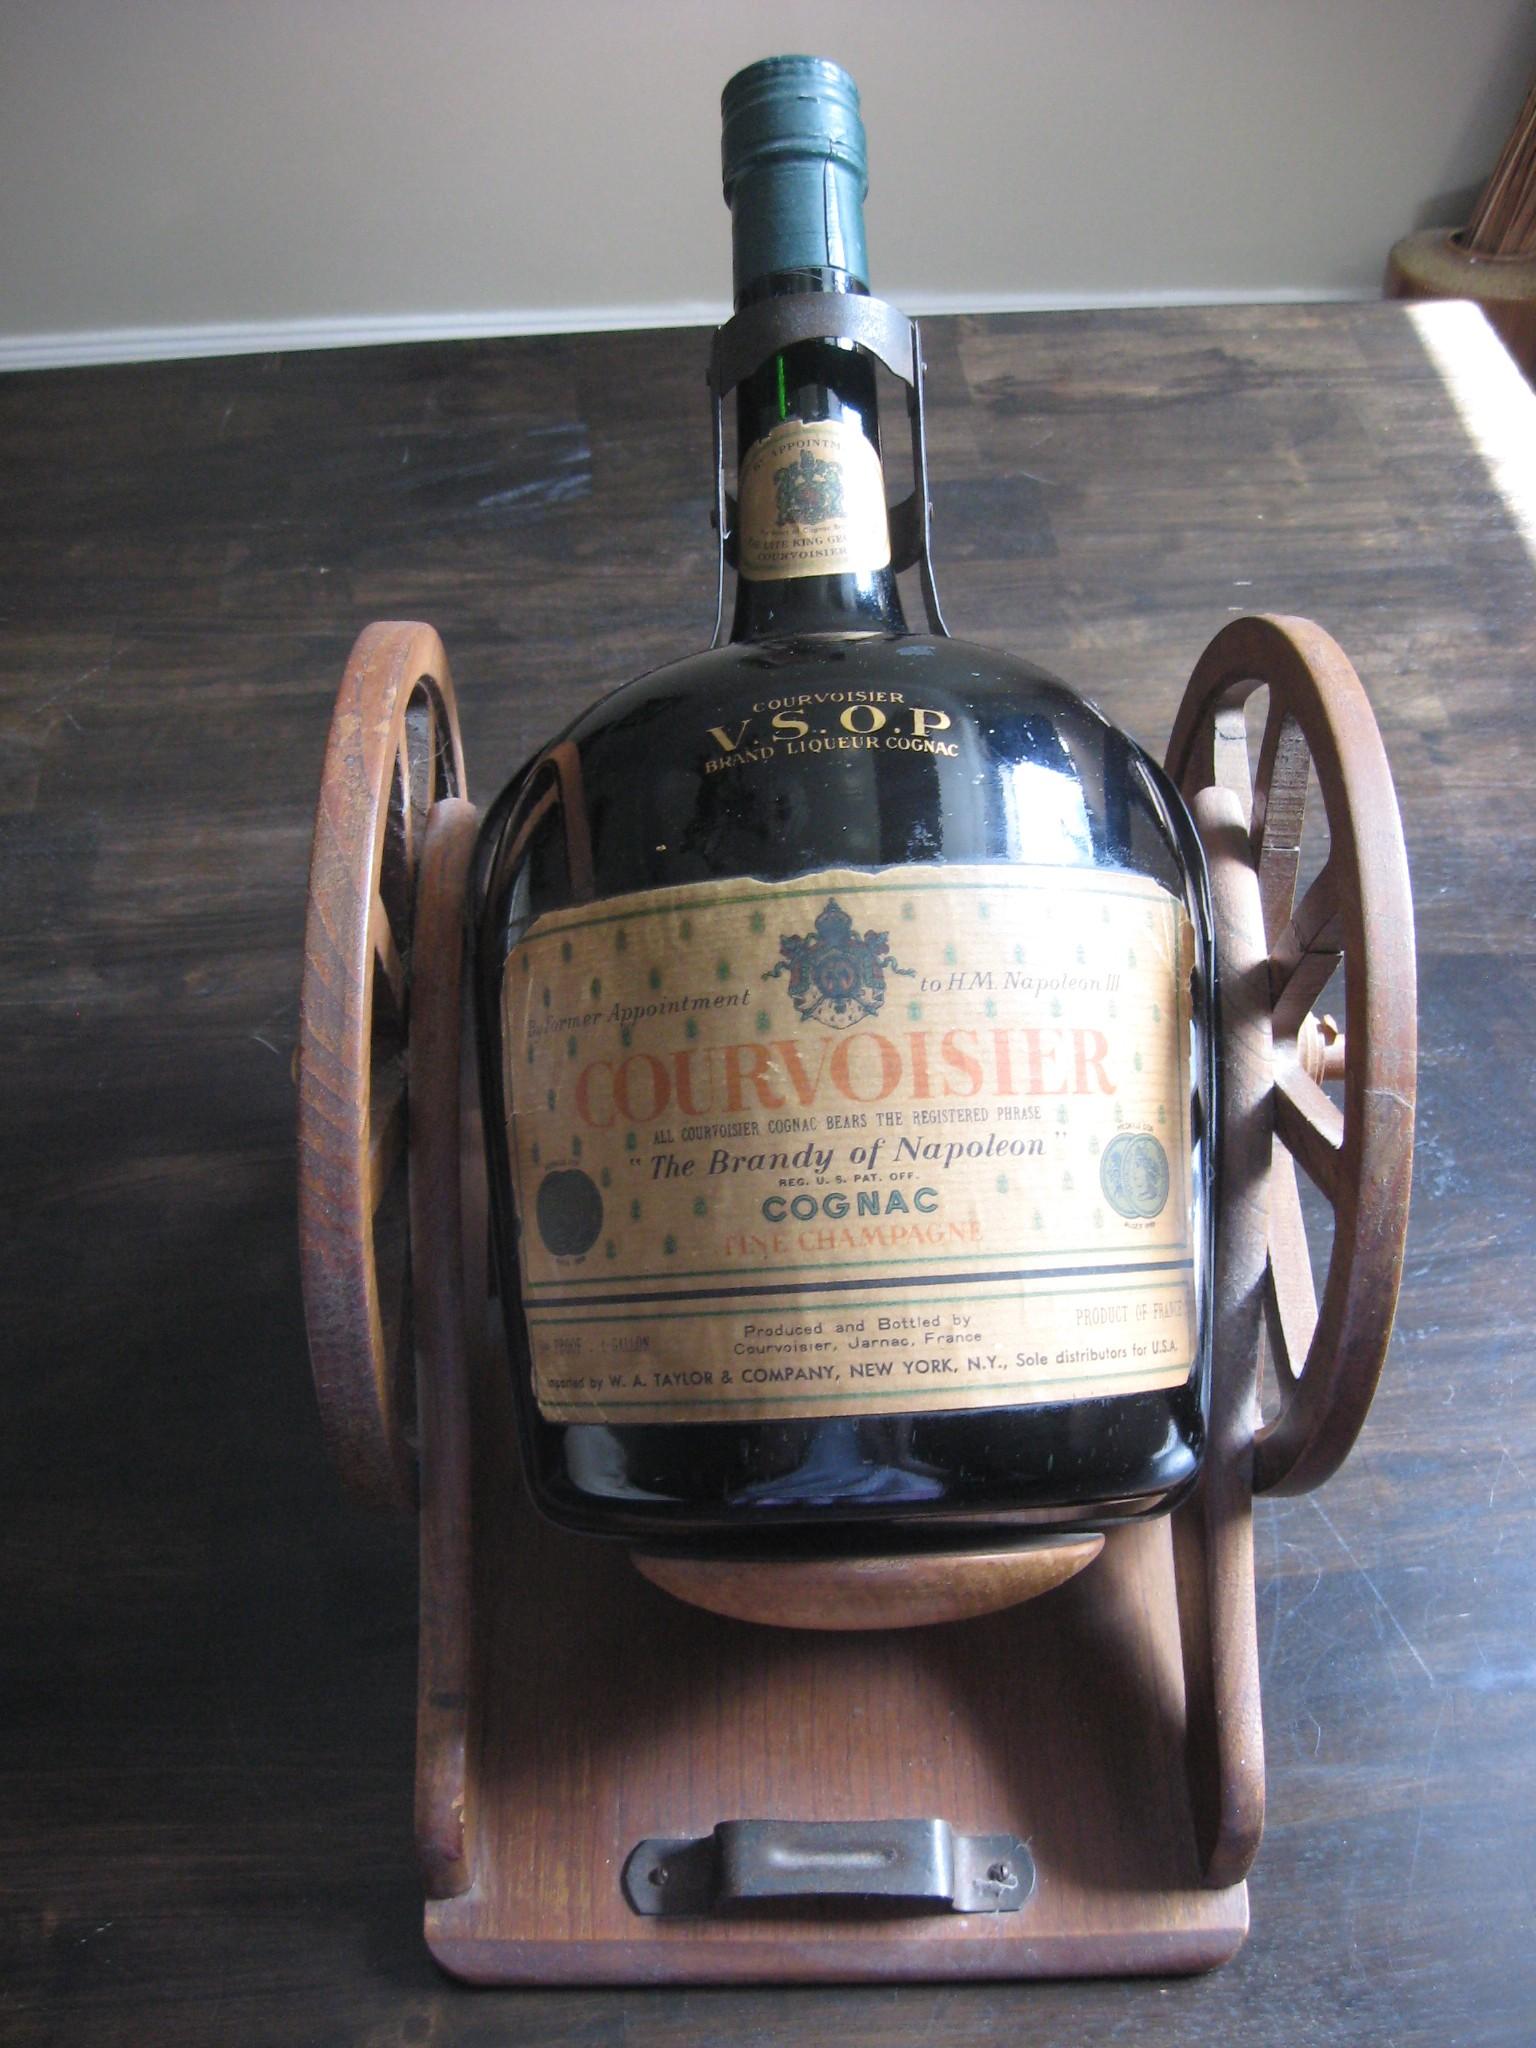 Courvoisier Cannon VSOP